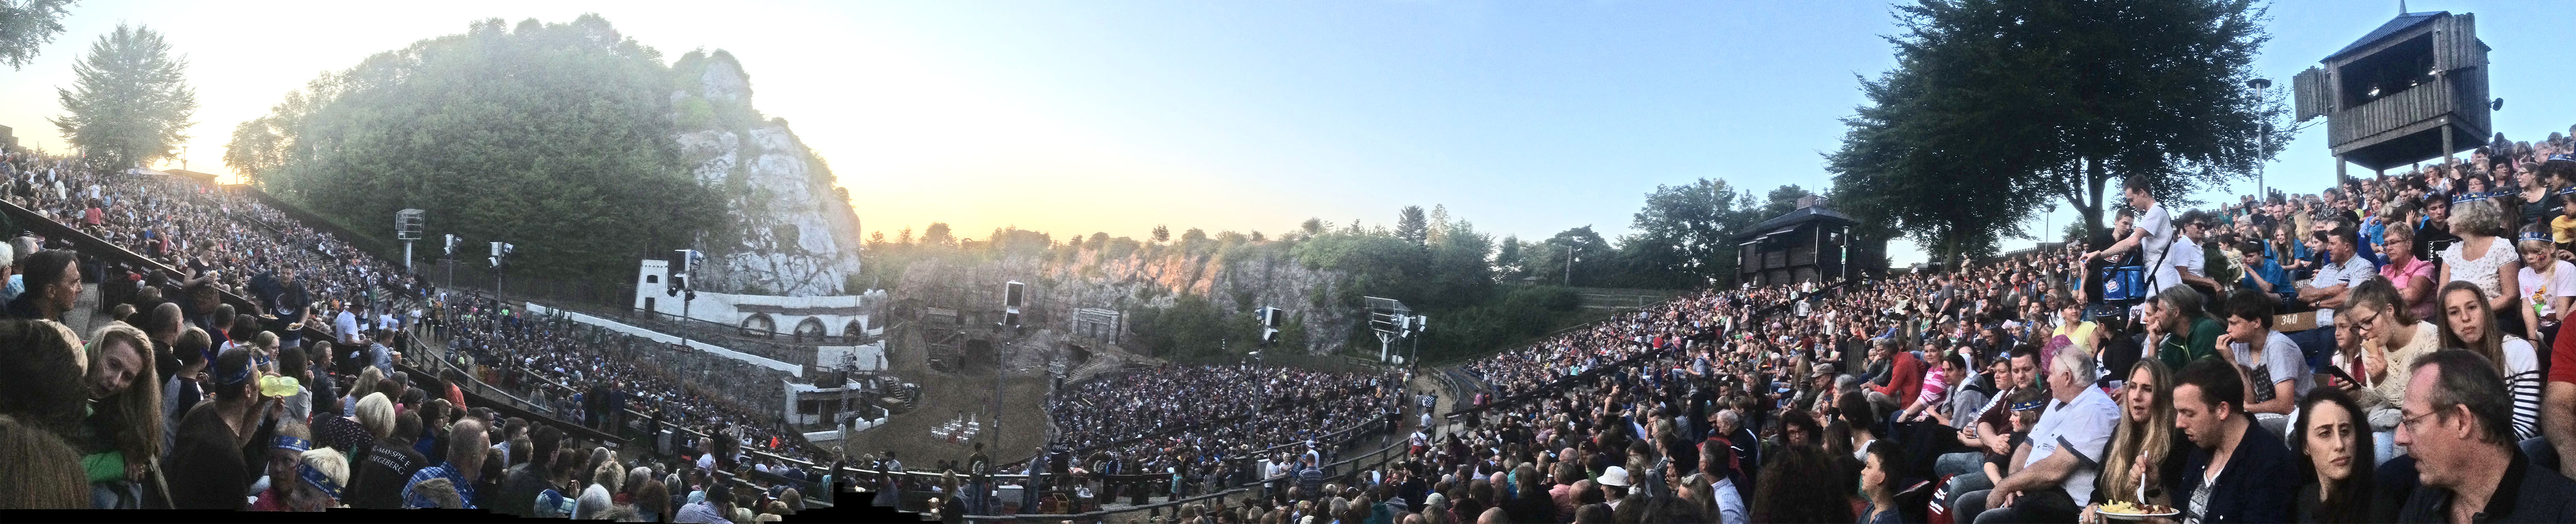 Arendt Schmolze Crowd